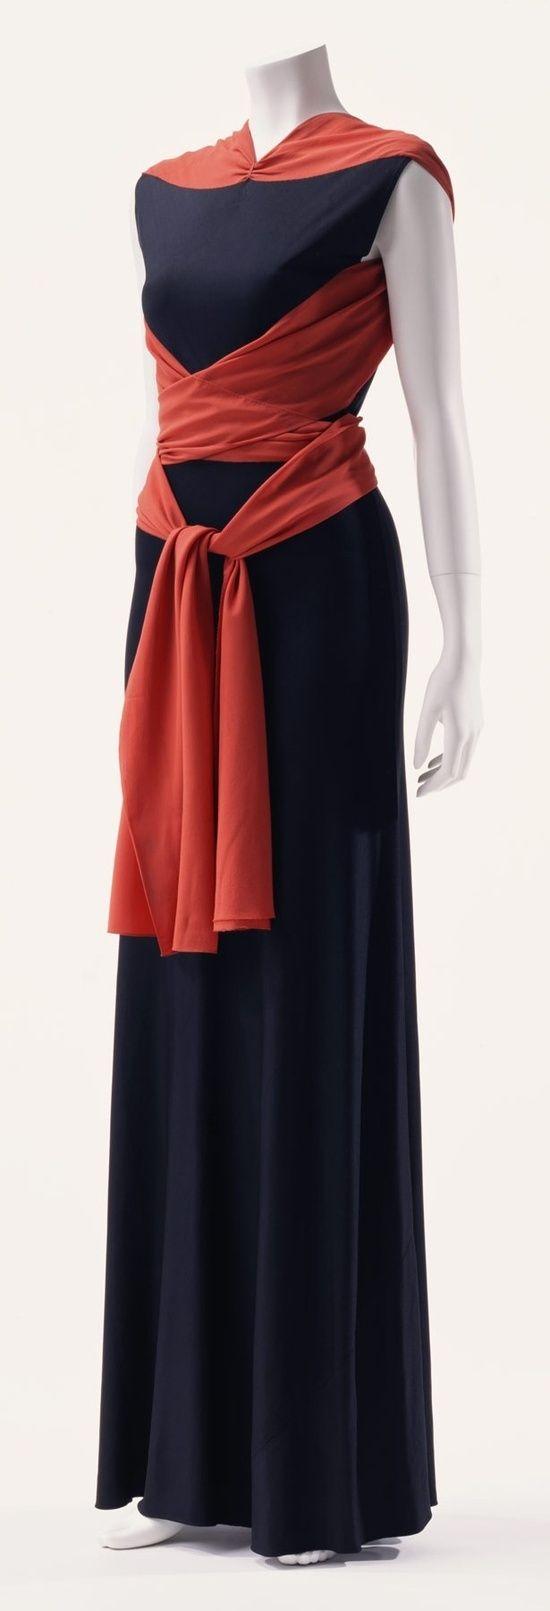 dress by madeleine vionnet 1933 france 30s 40s 50s. Black Bedroom Furniture Sets. Home Design Ideas